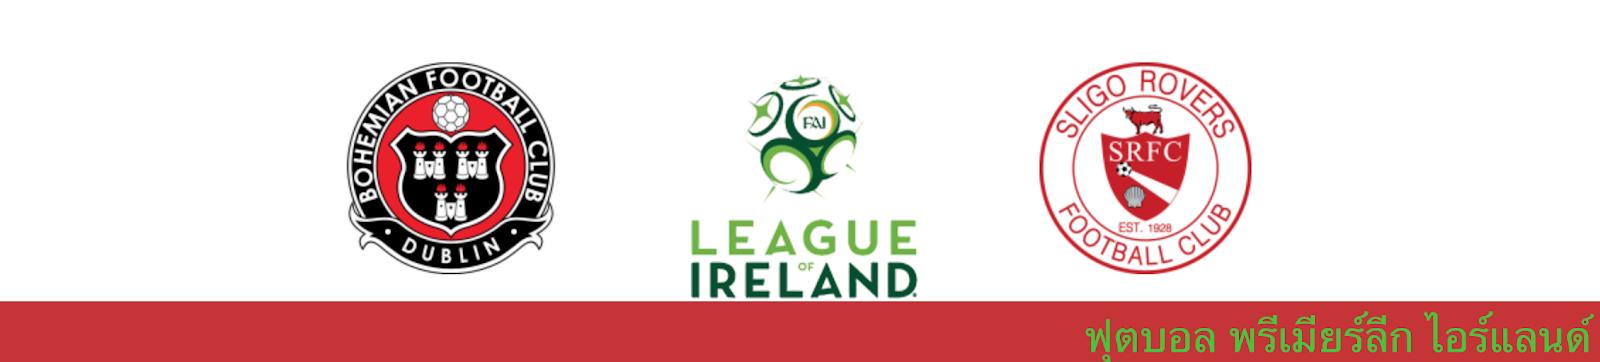 ดูบอลสด วิเคราะห์บอล ไอร์แลนด์ พรีเมียร์ลีก โบฮีเมี่ยนส์ vs สลิโก้ โรเวอร์ส